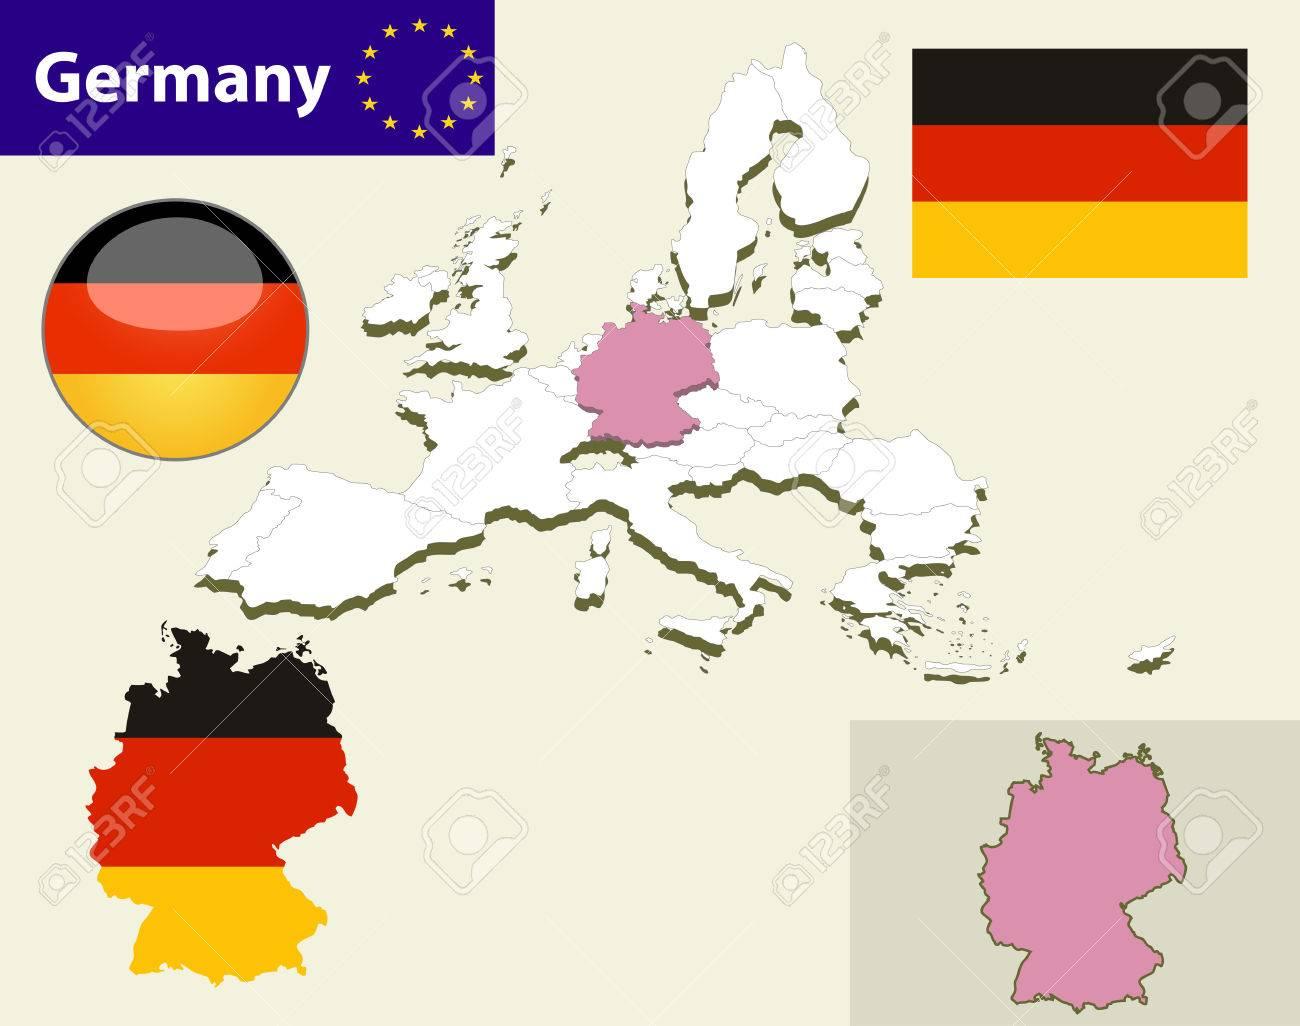 Carte Allemagne Facile.Carte Des Pays De L Union Europeenne Avec Chaque Selectionnable Facile De L Etat Et Modifiable Allemagne Flag Button Glossy Allemagne